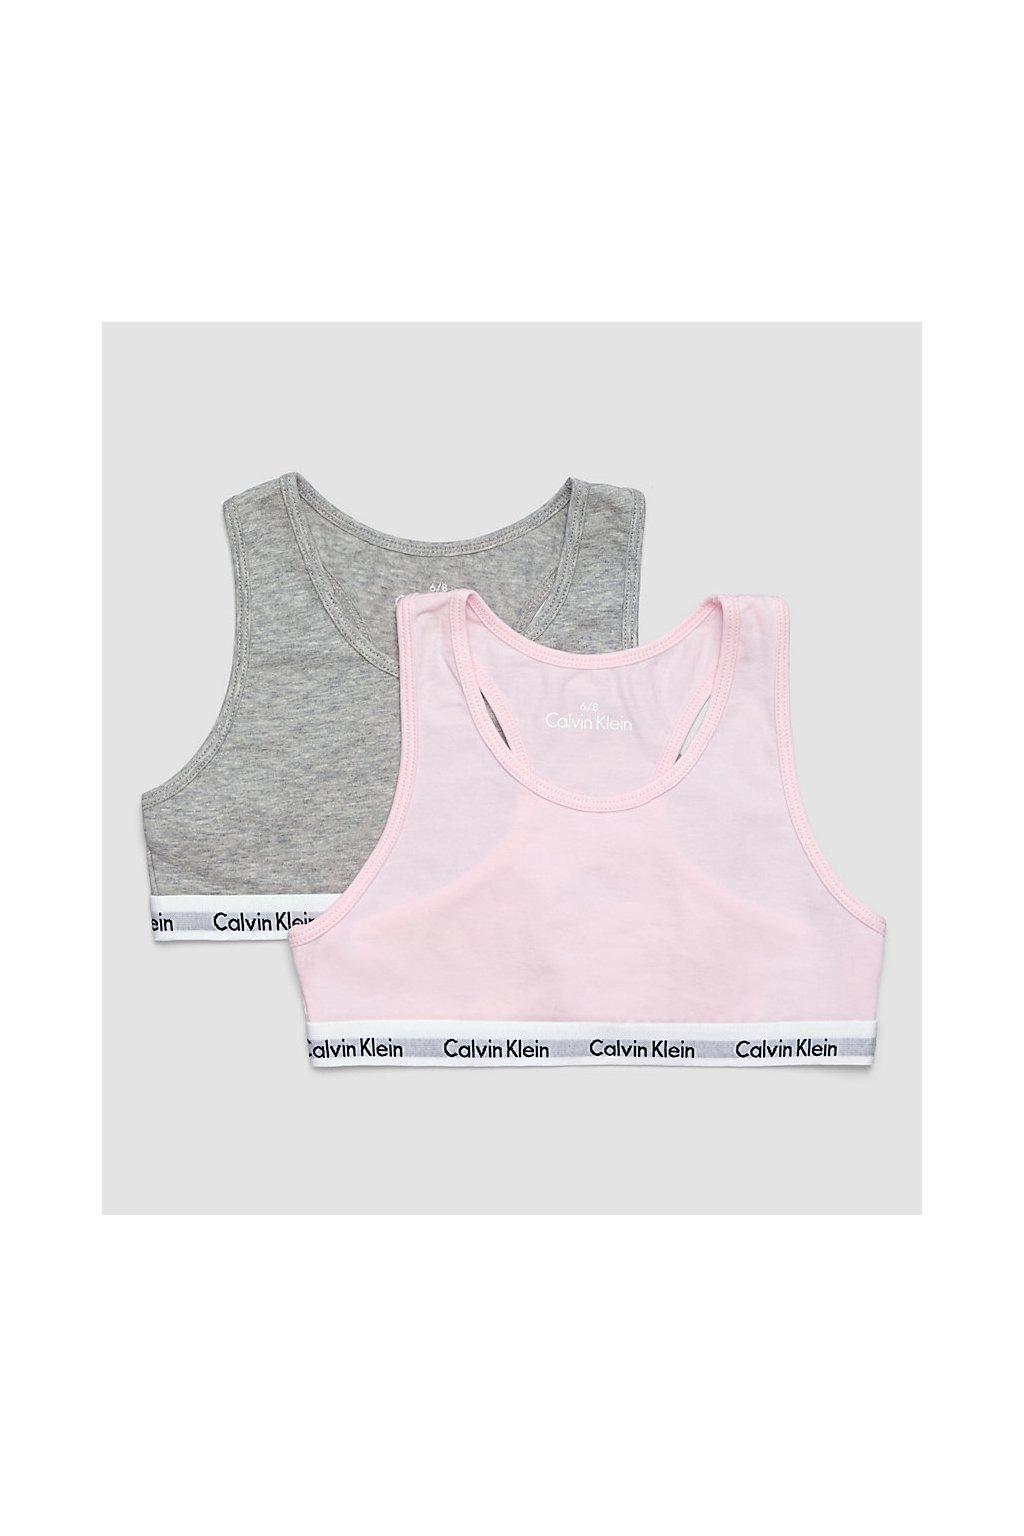 PRO DĚTI! Calvin Klein 2 balení Girls bralette šedá/růžová